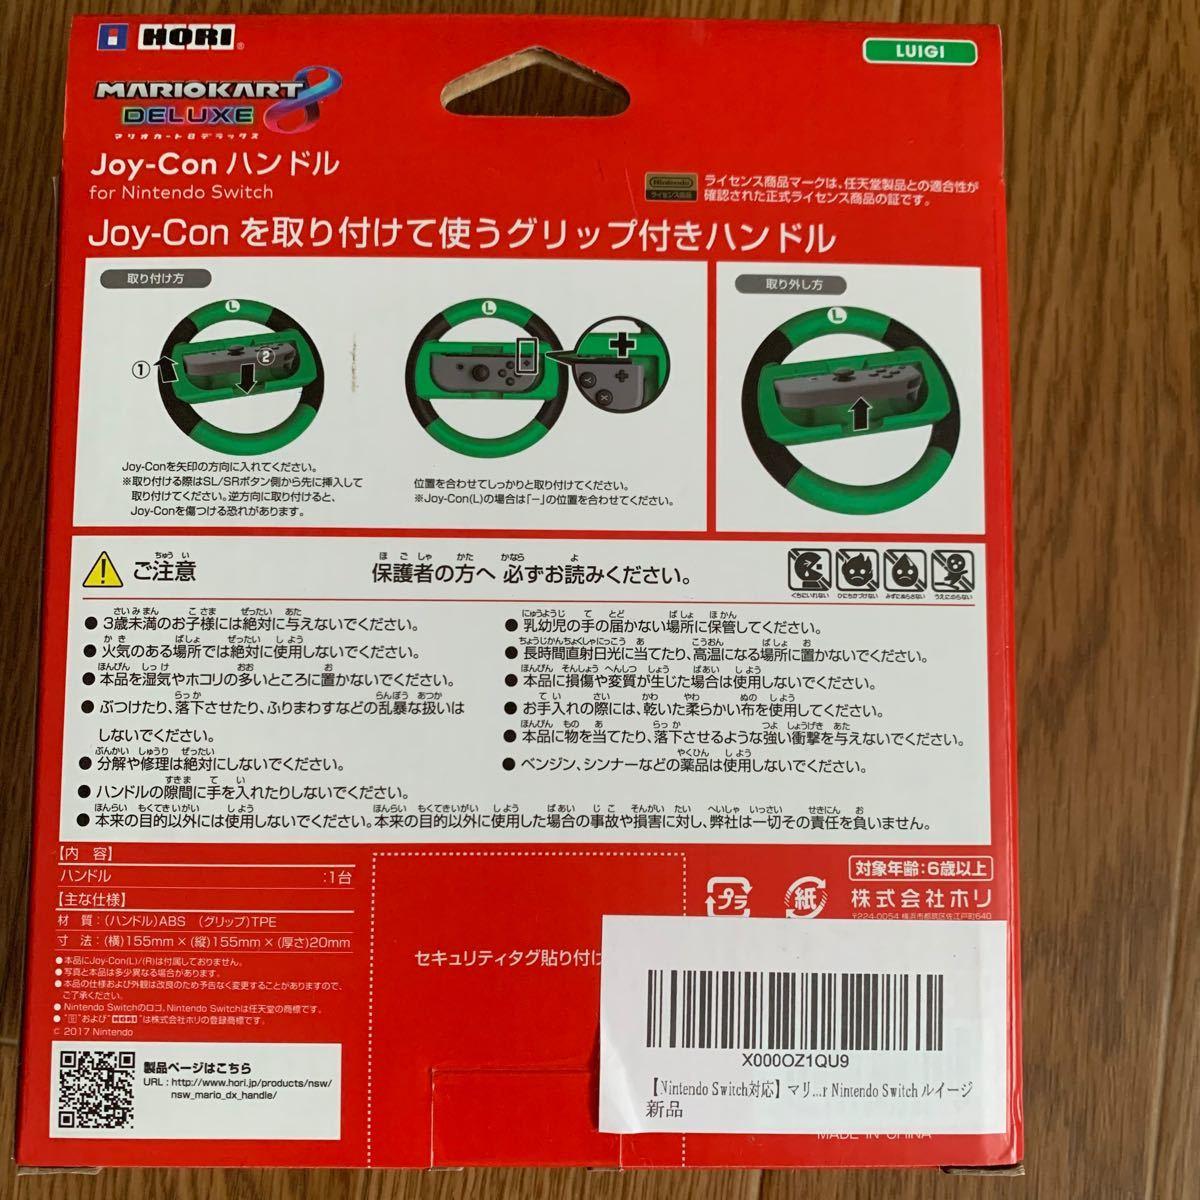 マリオカート8DX Joy-Conハンドル for Nintendo Switch ルイージ NSW-055